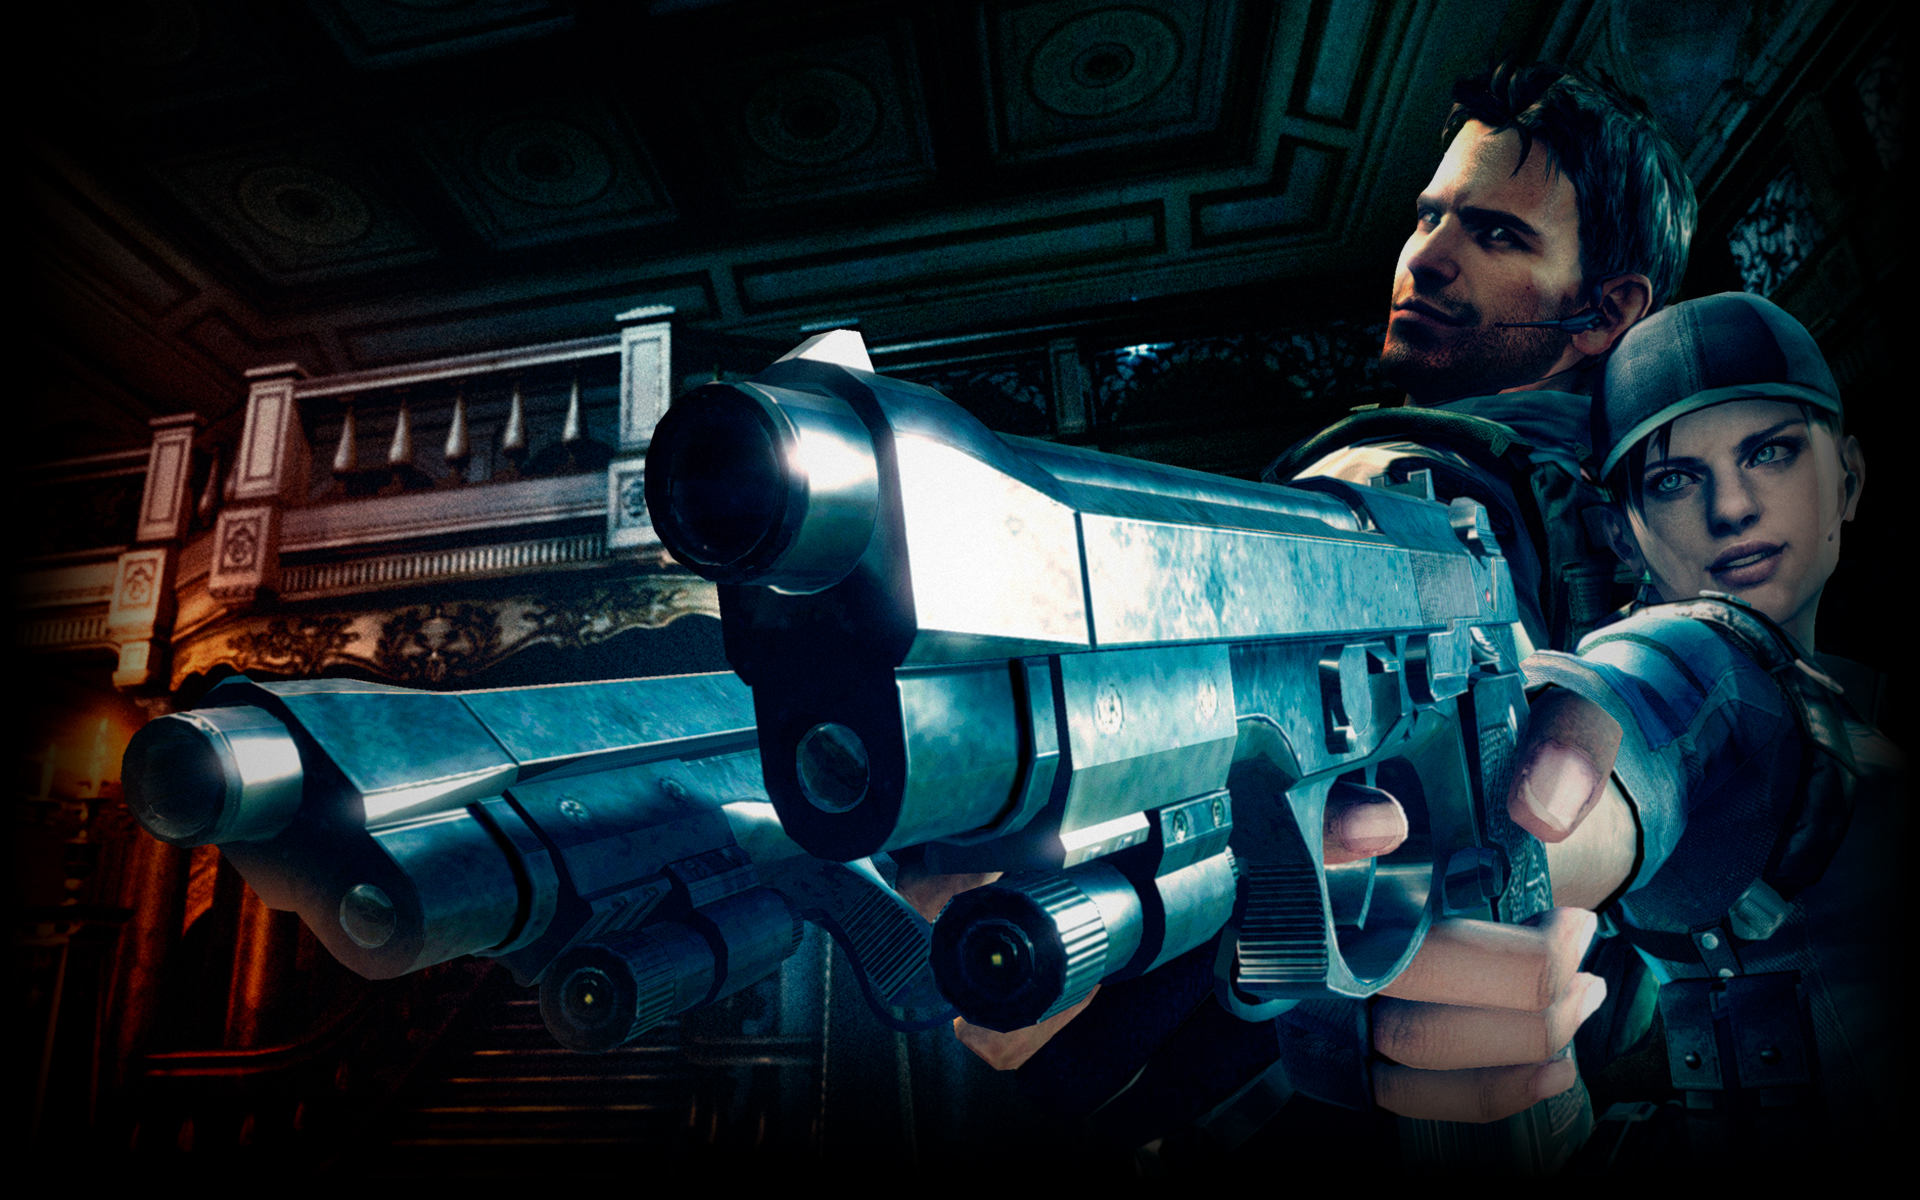 Chris And Jill Resident Evil 5 Wallpaper 40430067 Fanpop